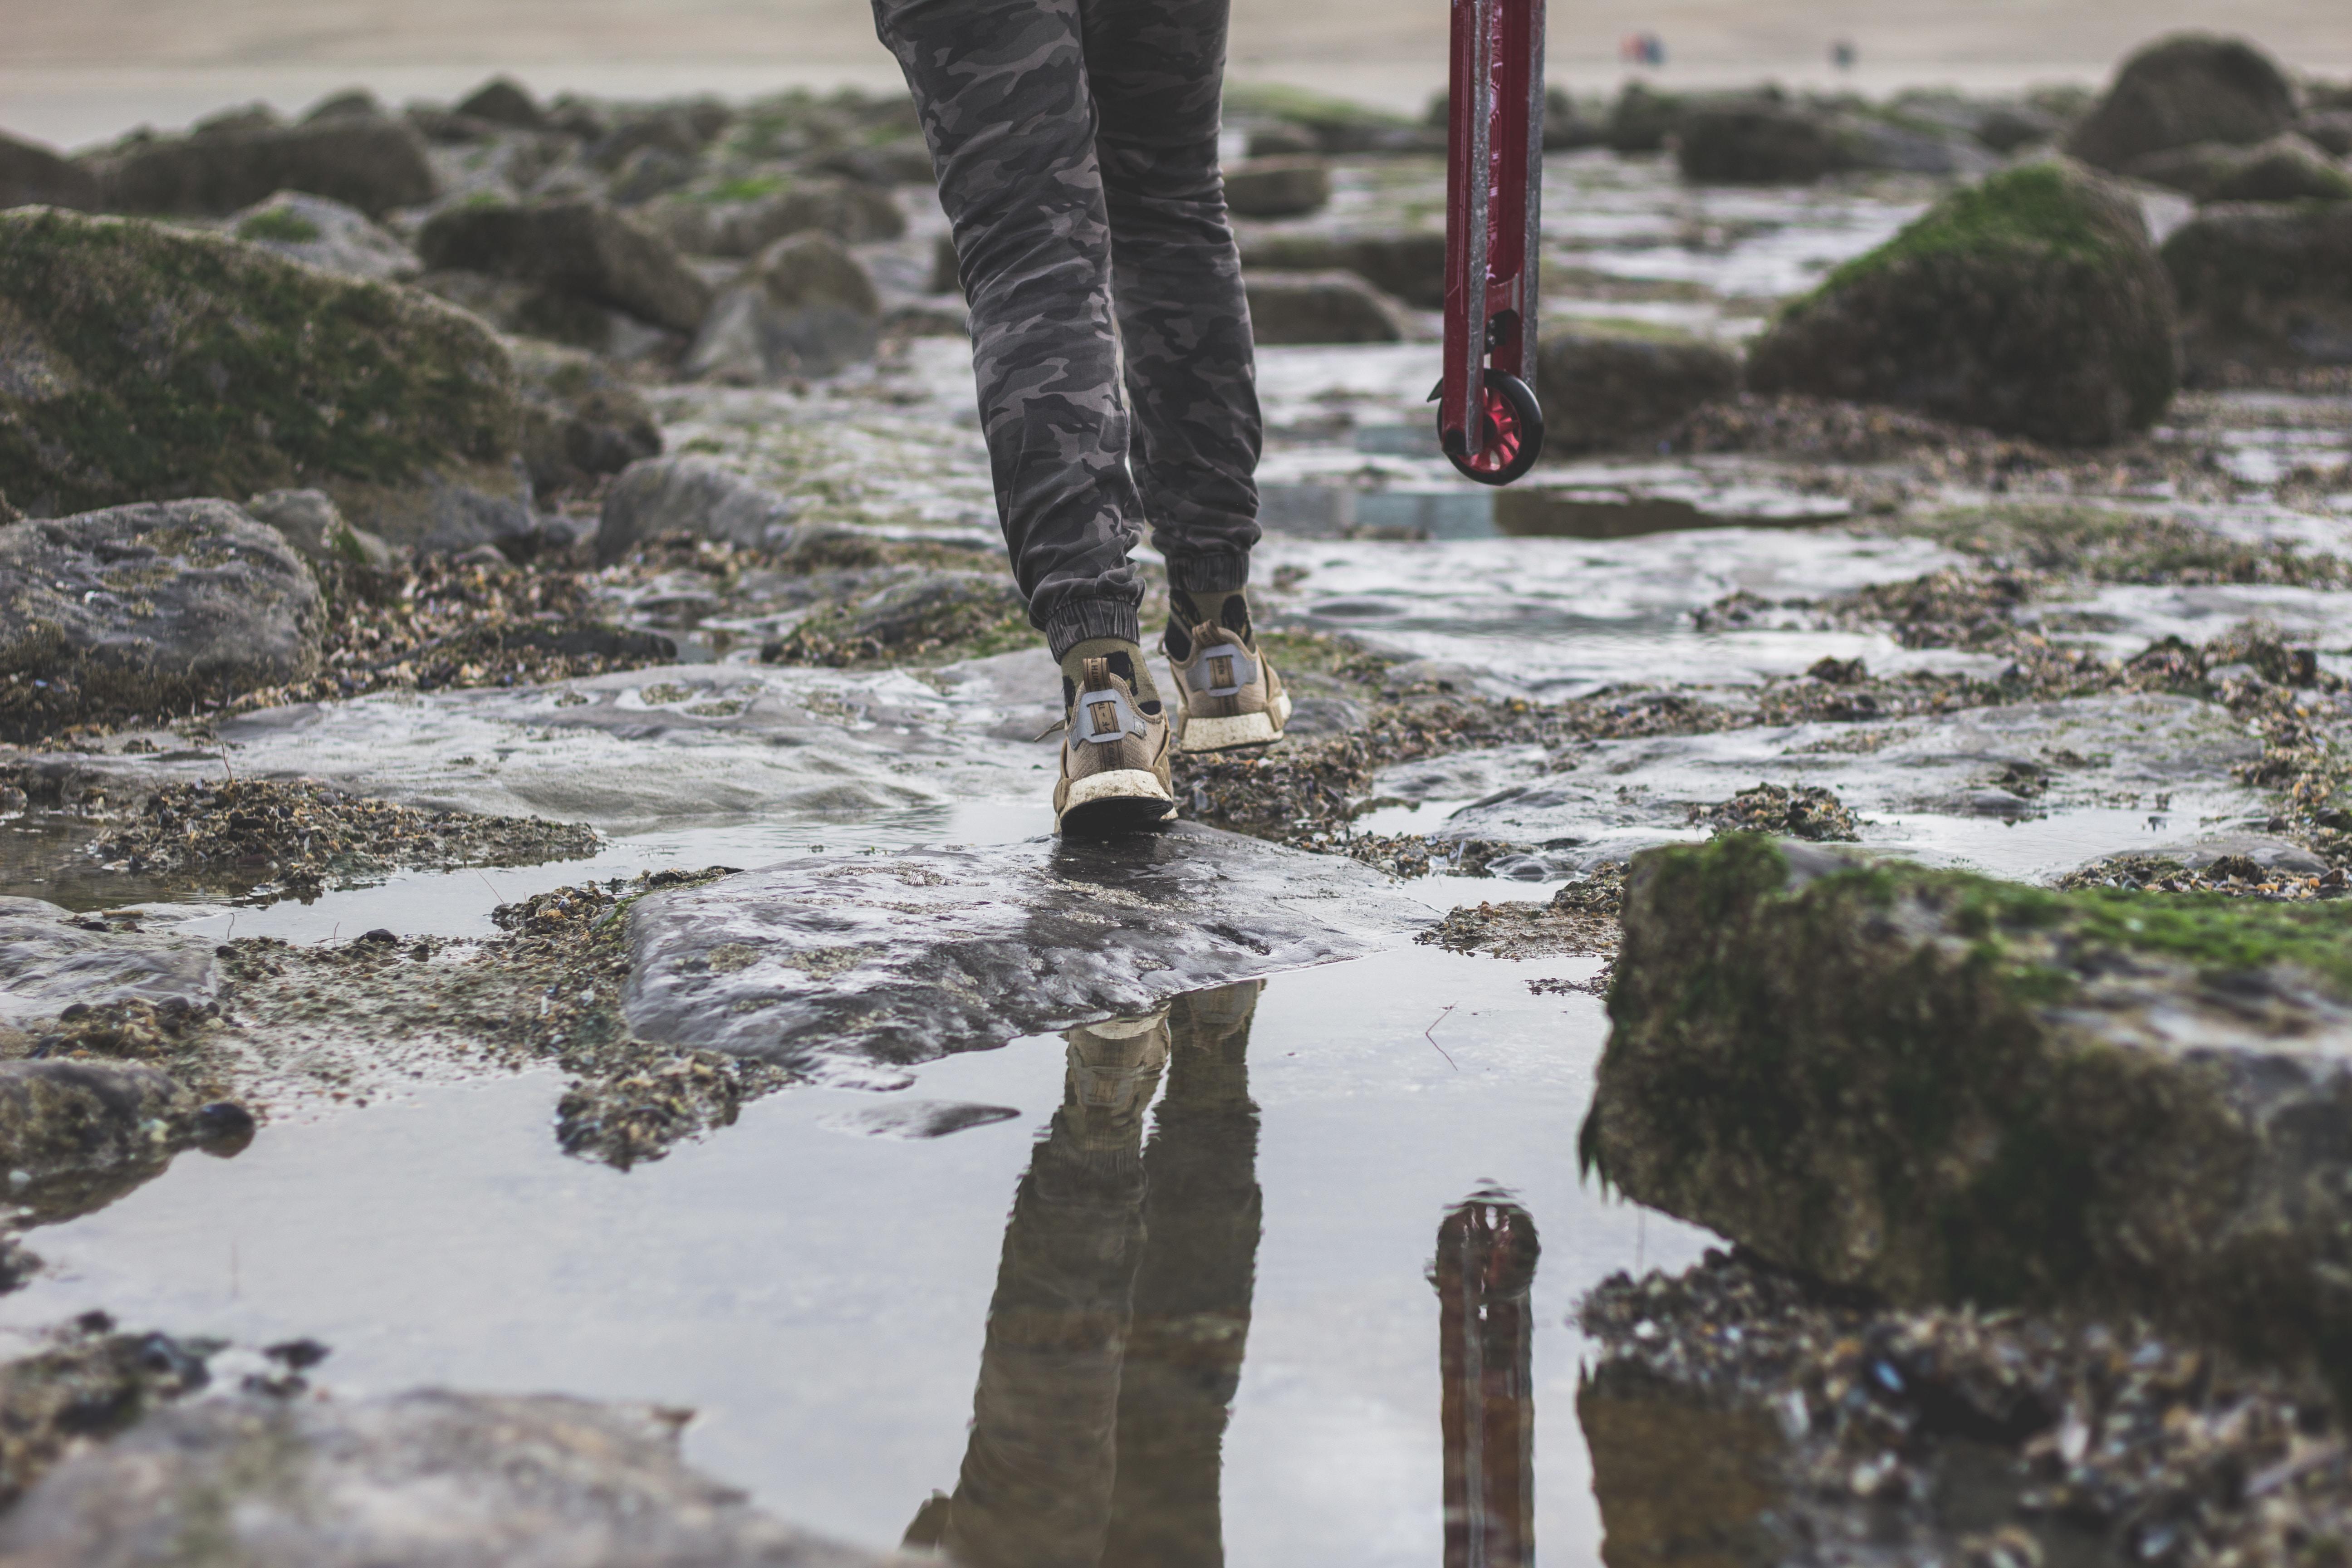 person in gray jeans walking on wet rocks